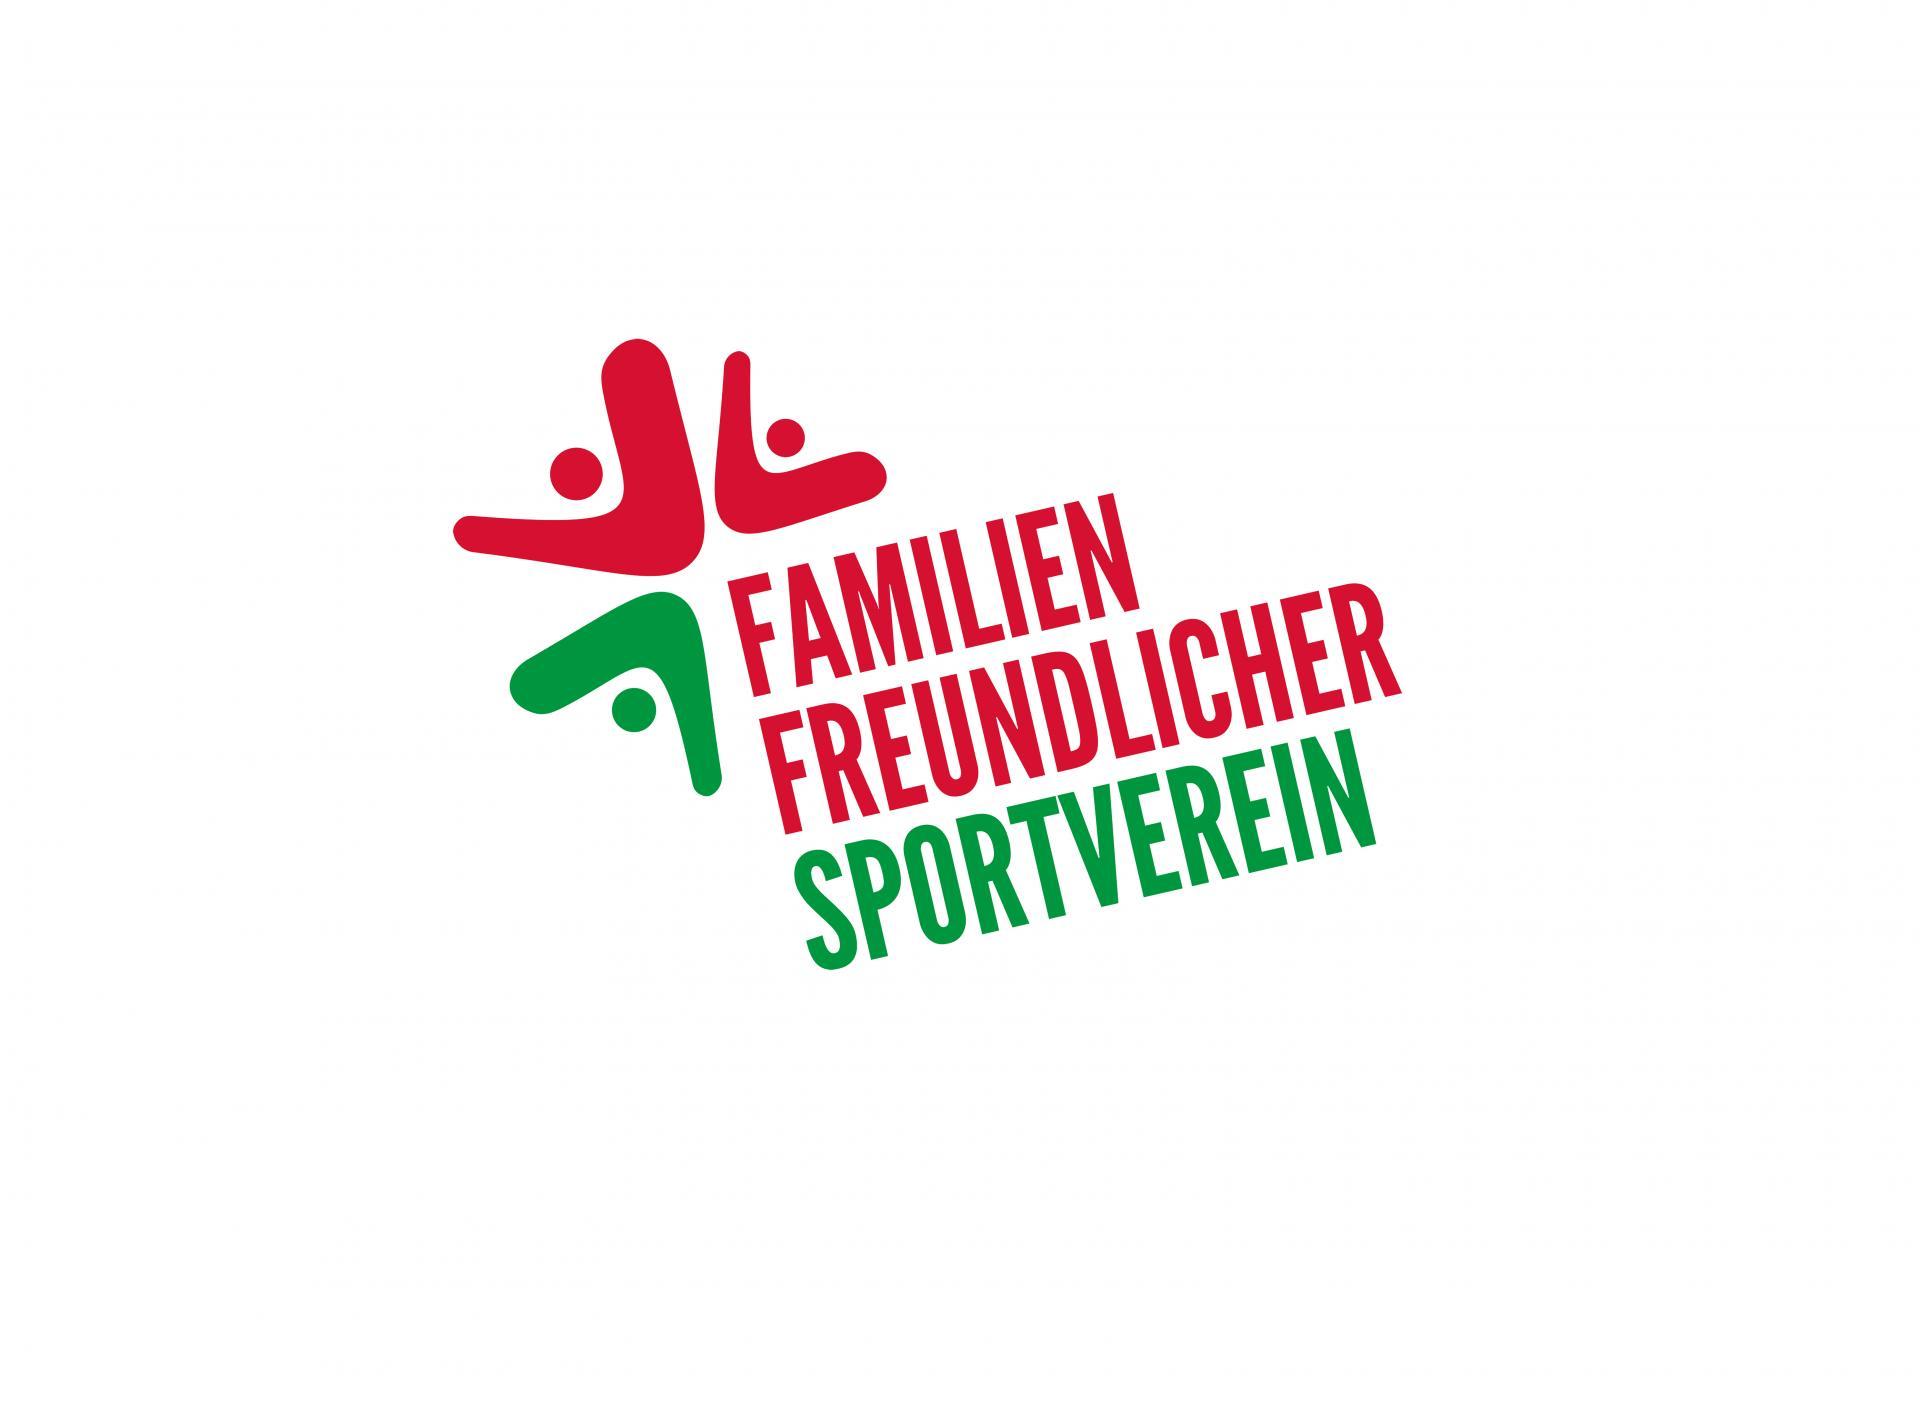 Familienfreundlichersv